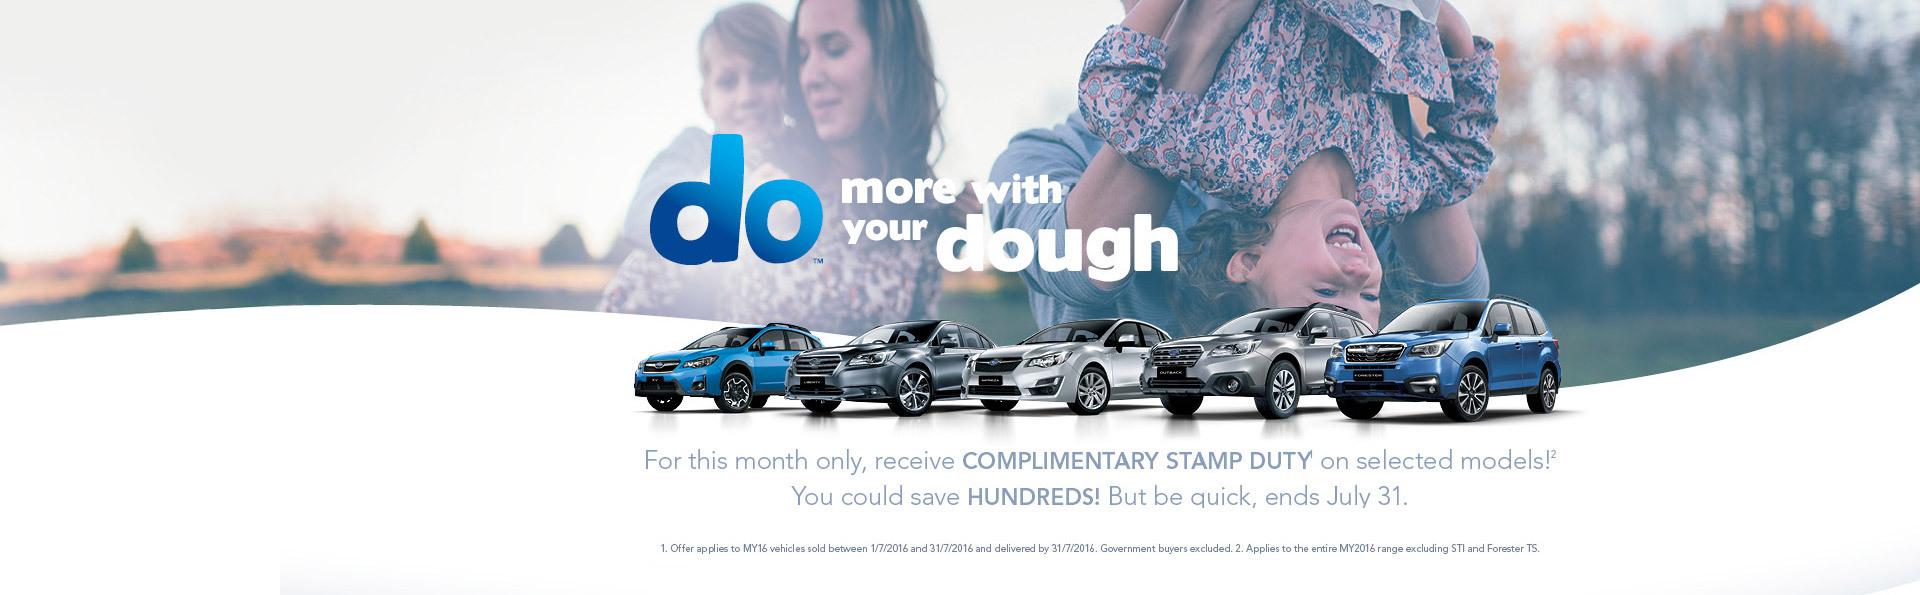 Subaru SA Offer